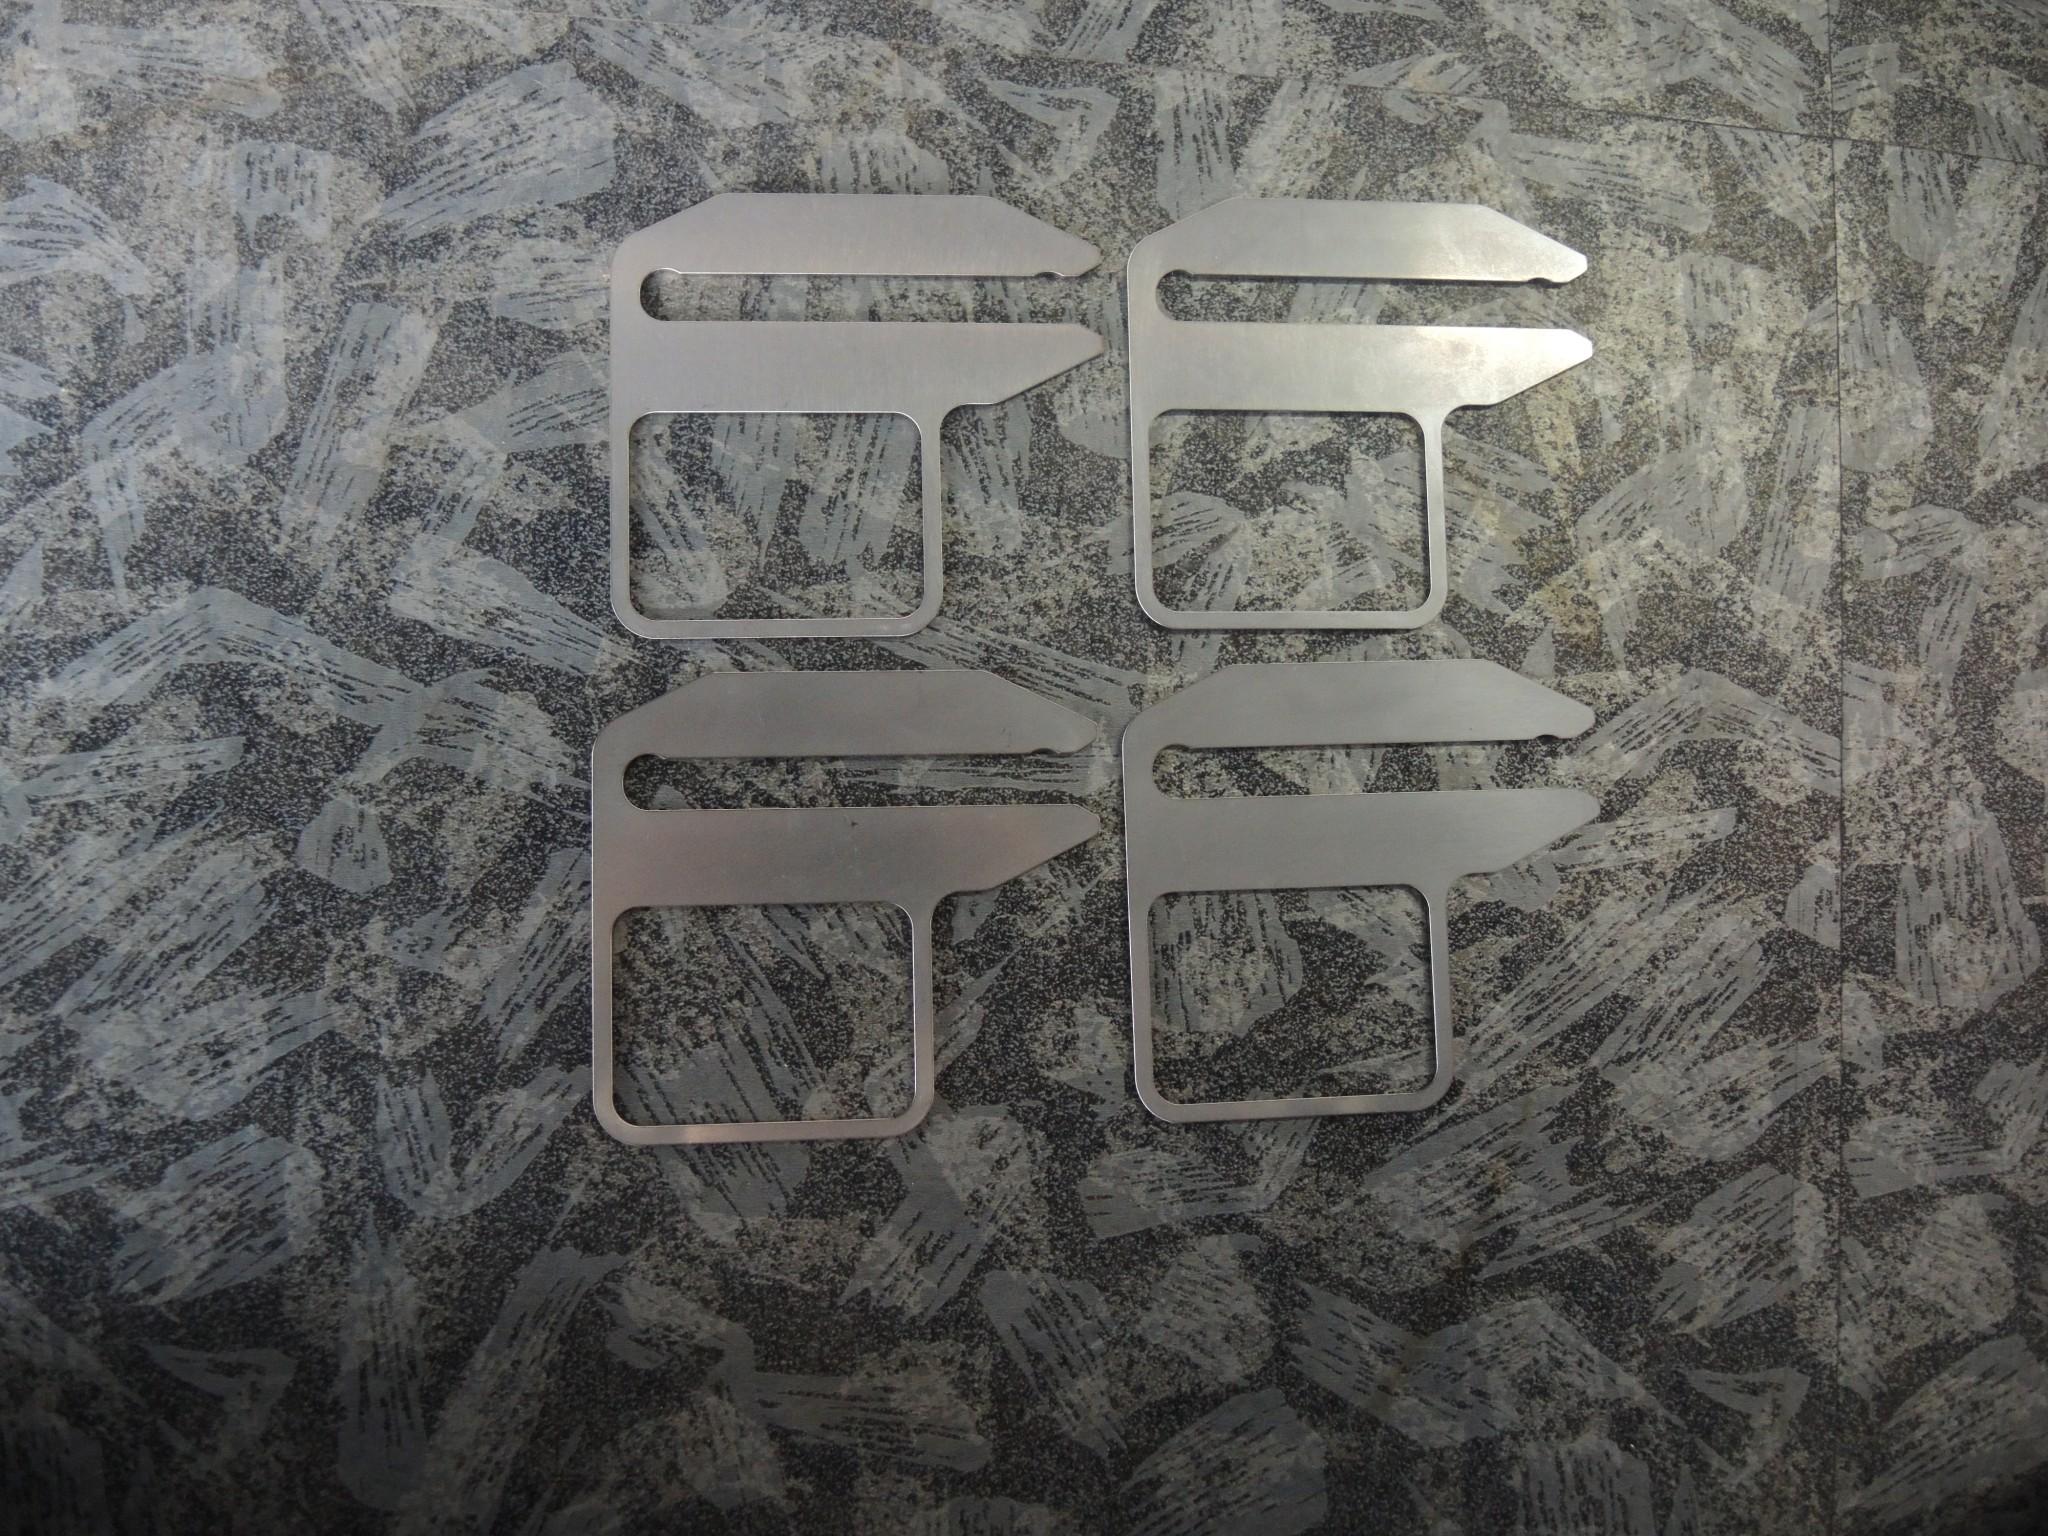 アルファロメオ4C フロントネガティブキャンバー調整 キャンバーシム取り付け